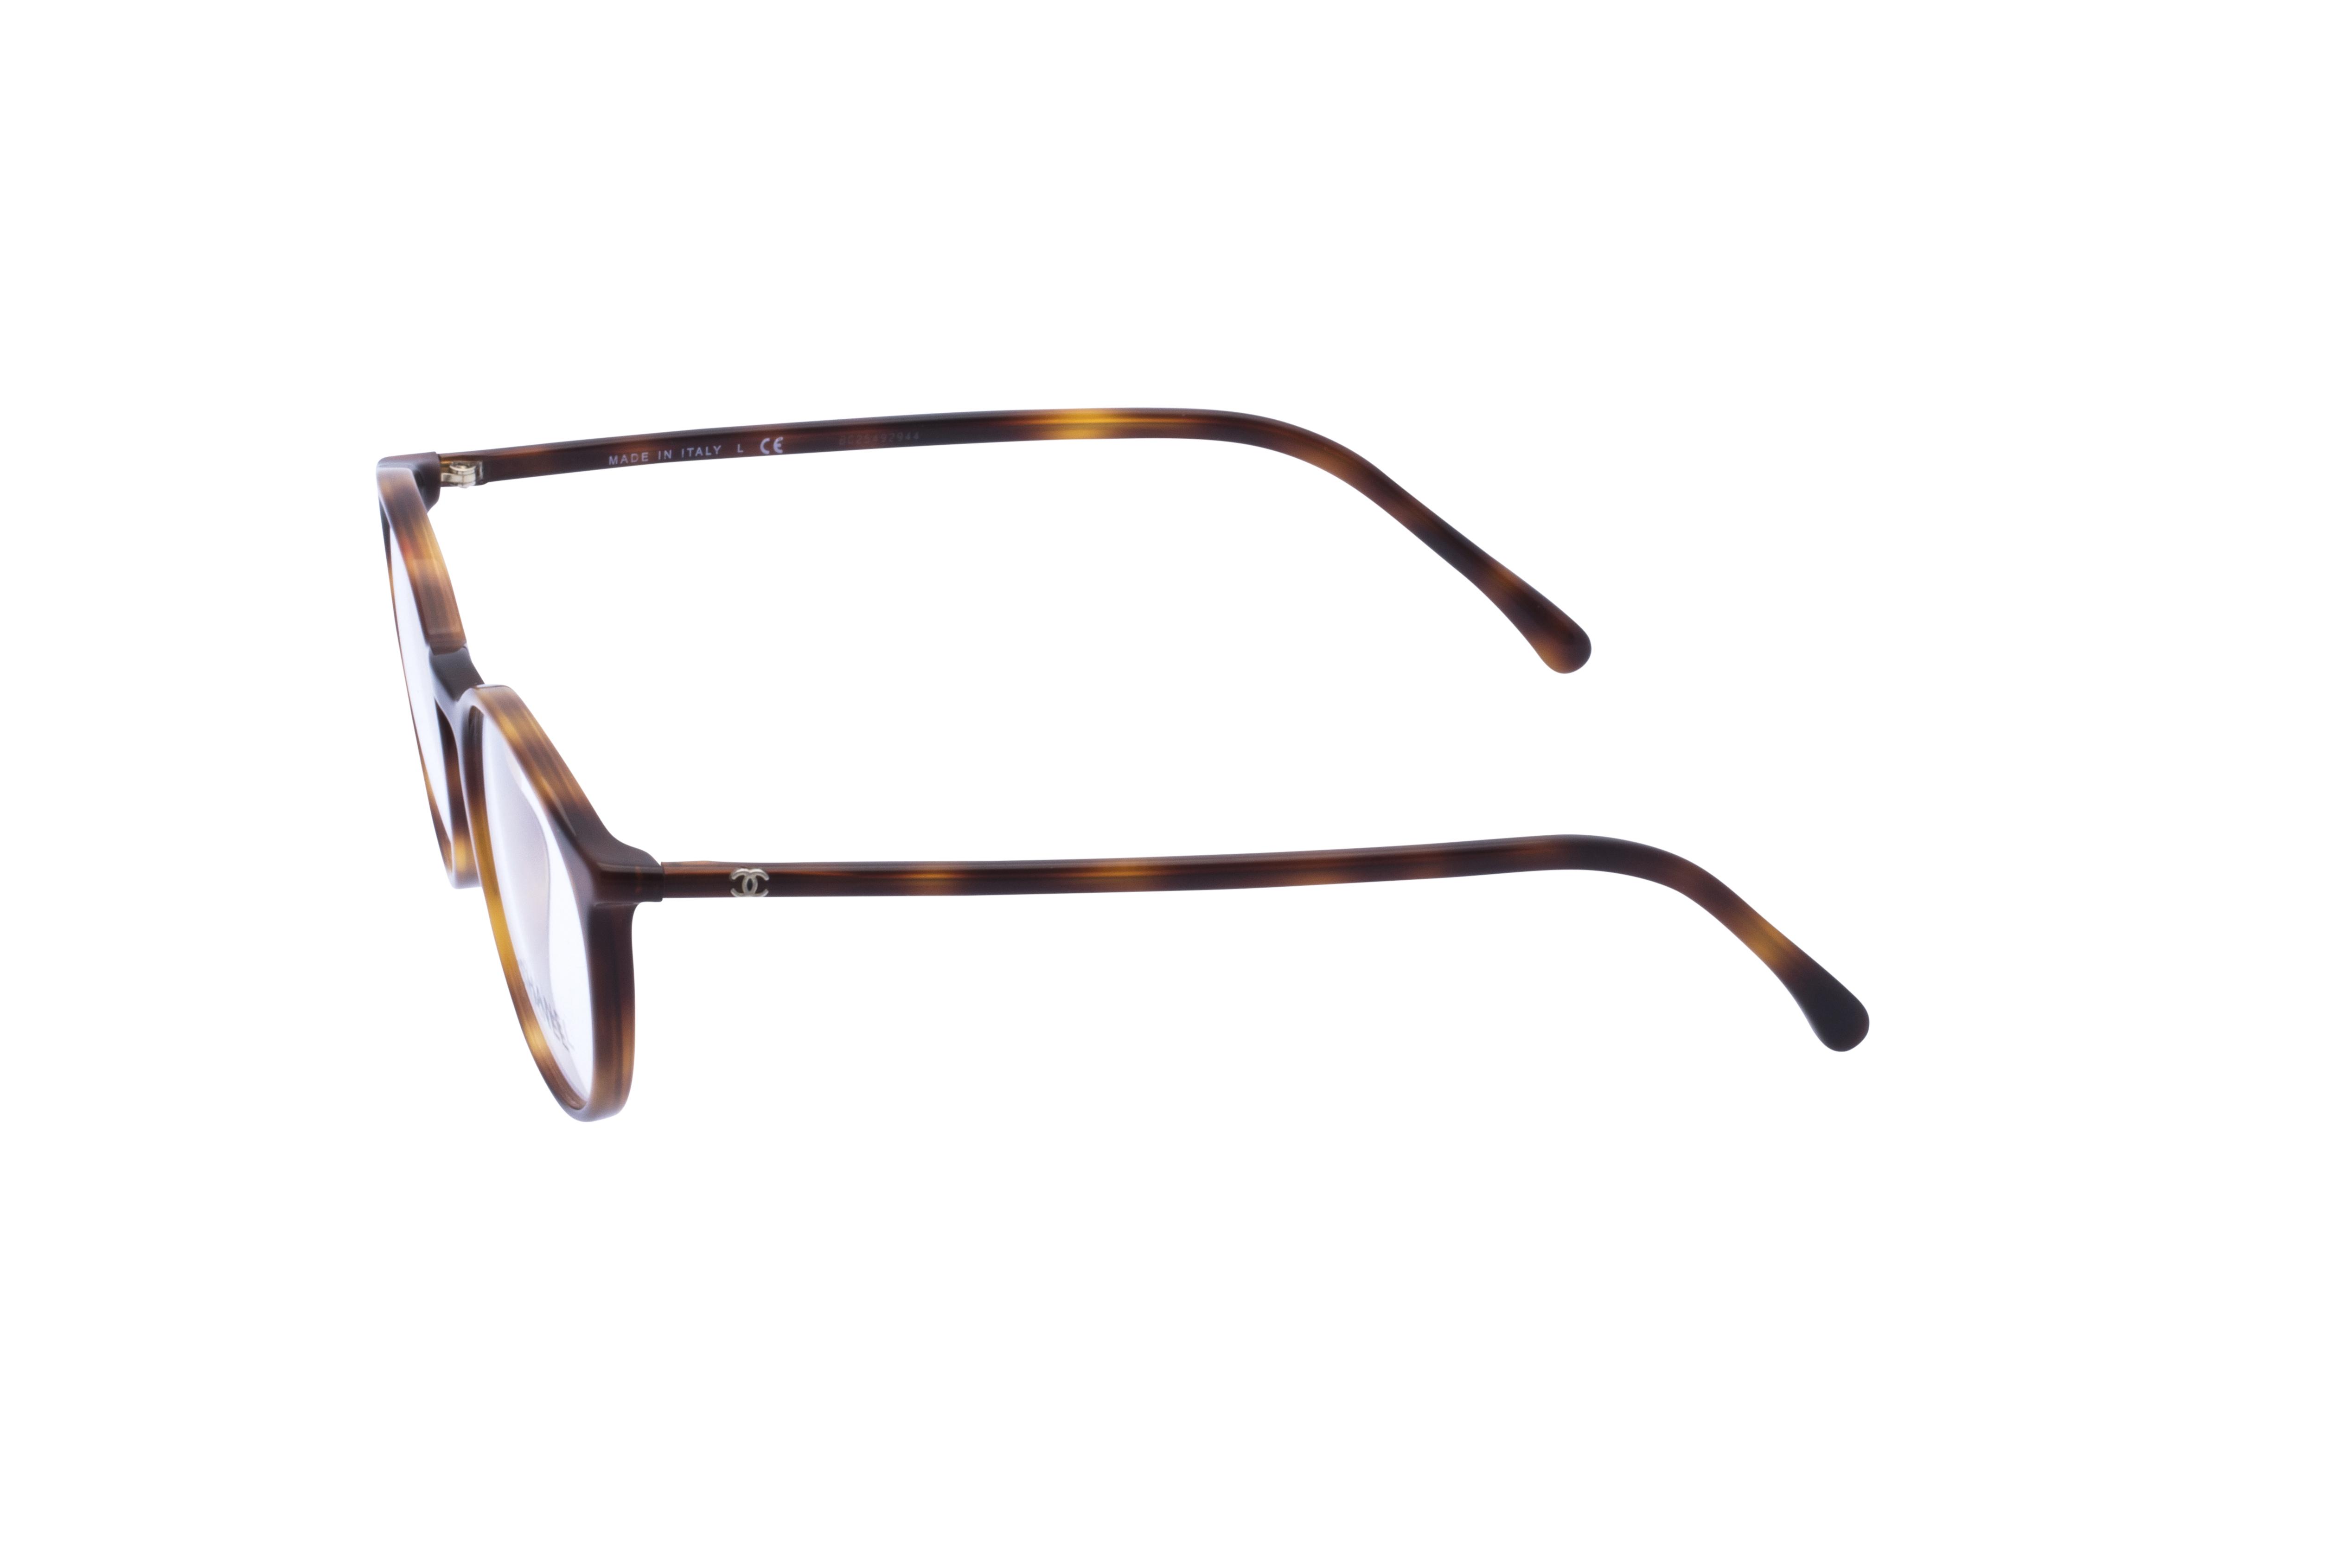 360 Grad Ansicht 19 Chanel 3372 Frontansicht, Brille auf Weiß - Fassung bei KUNK